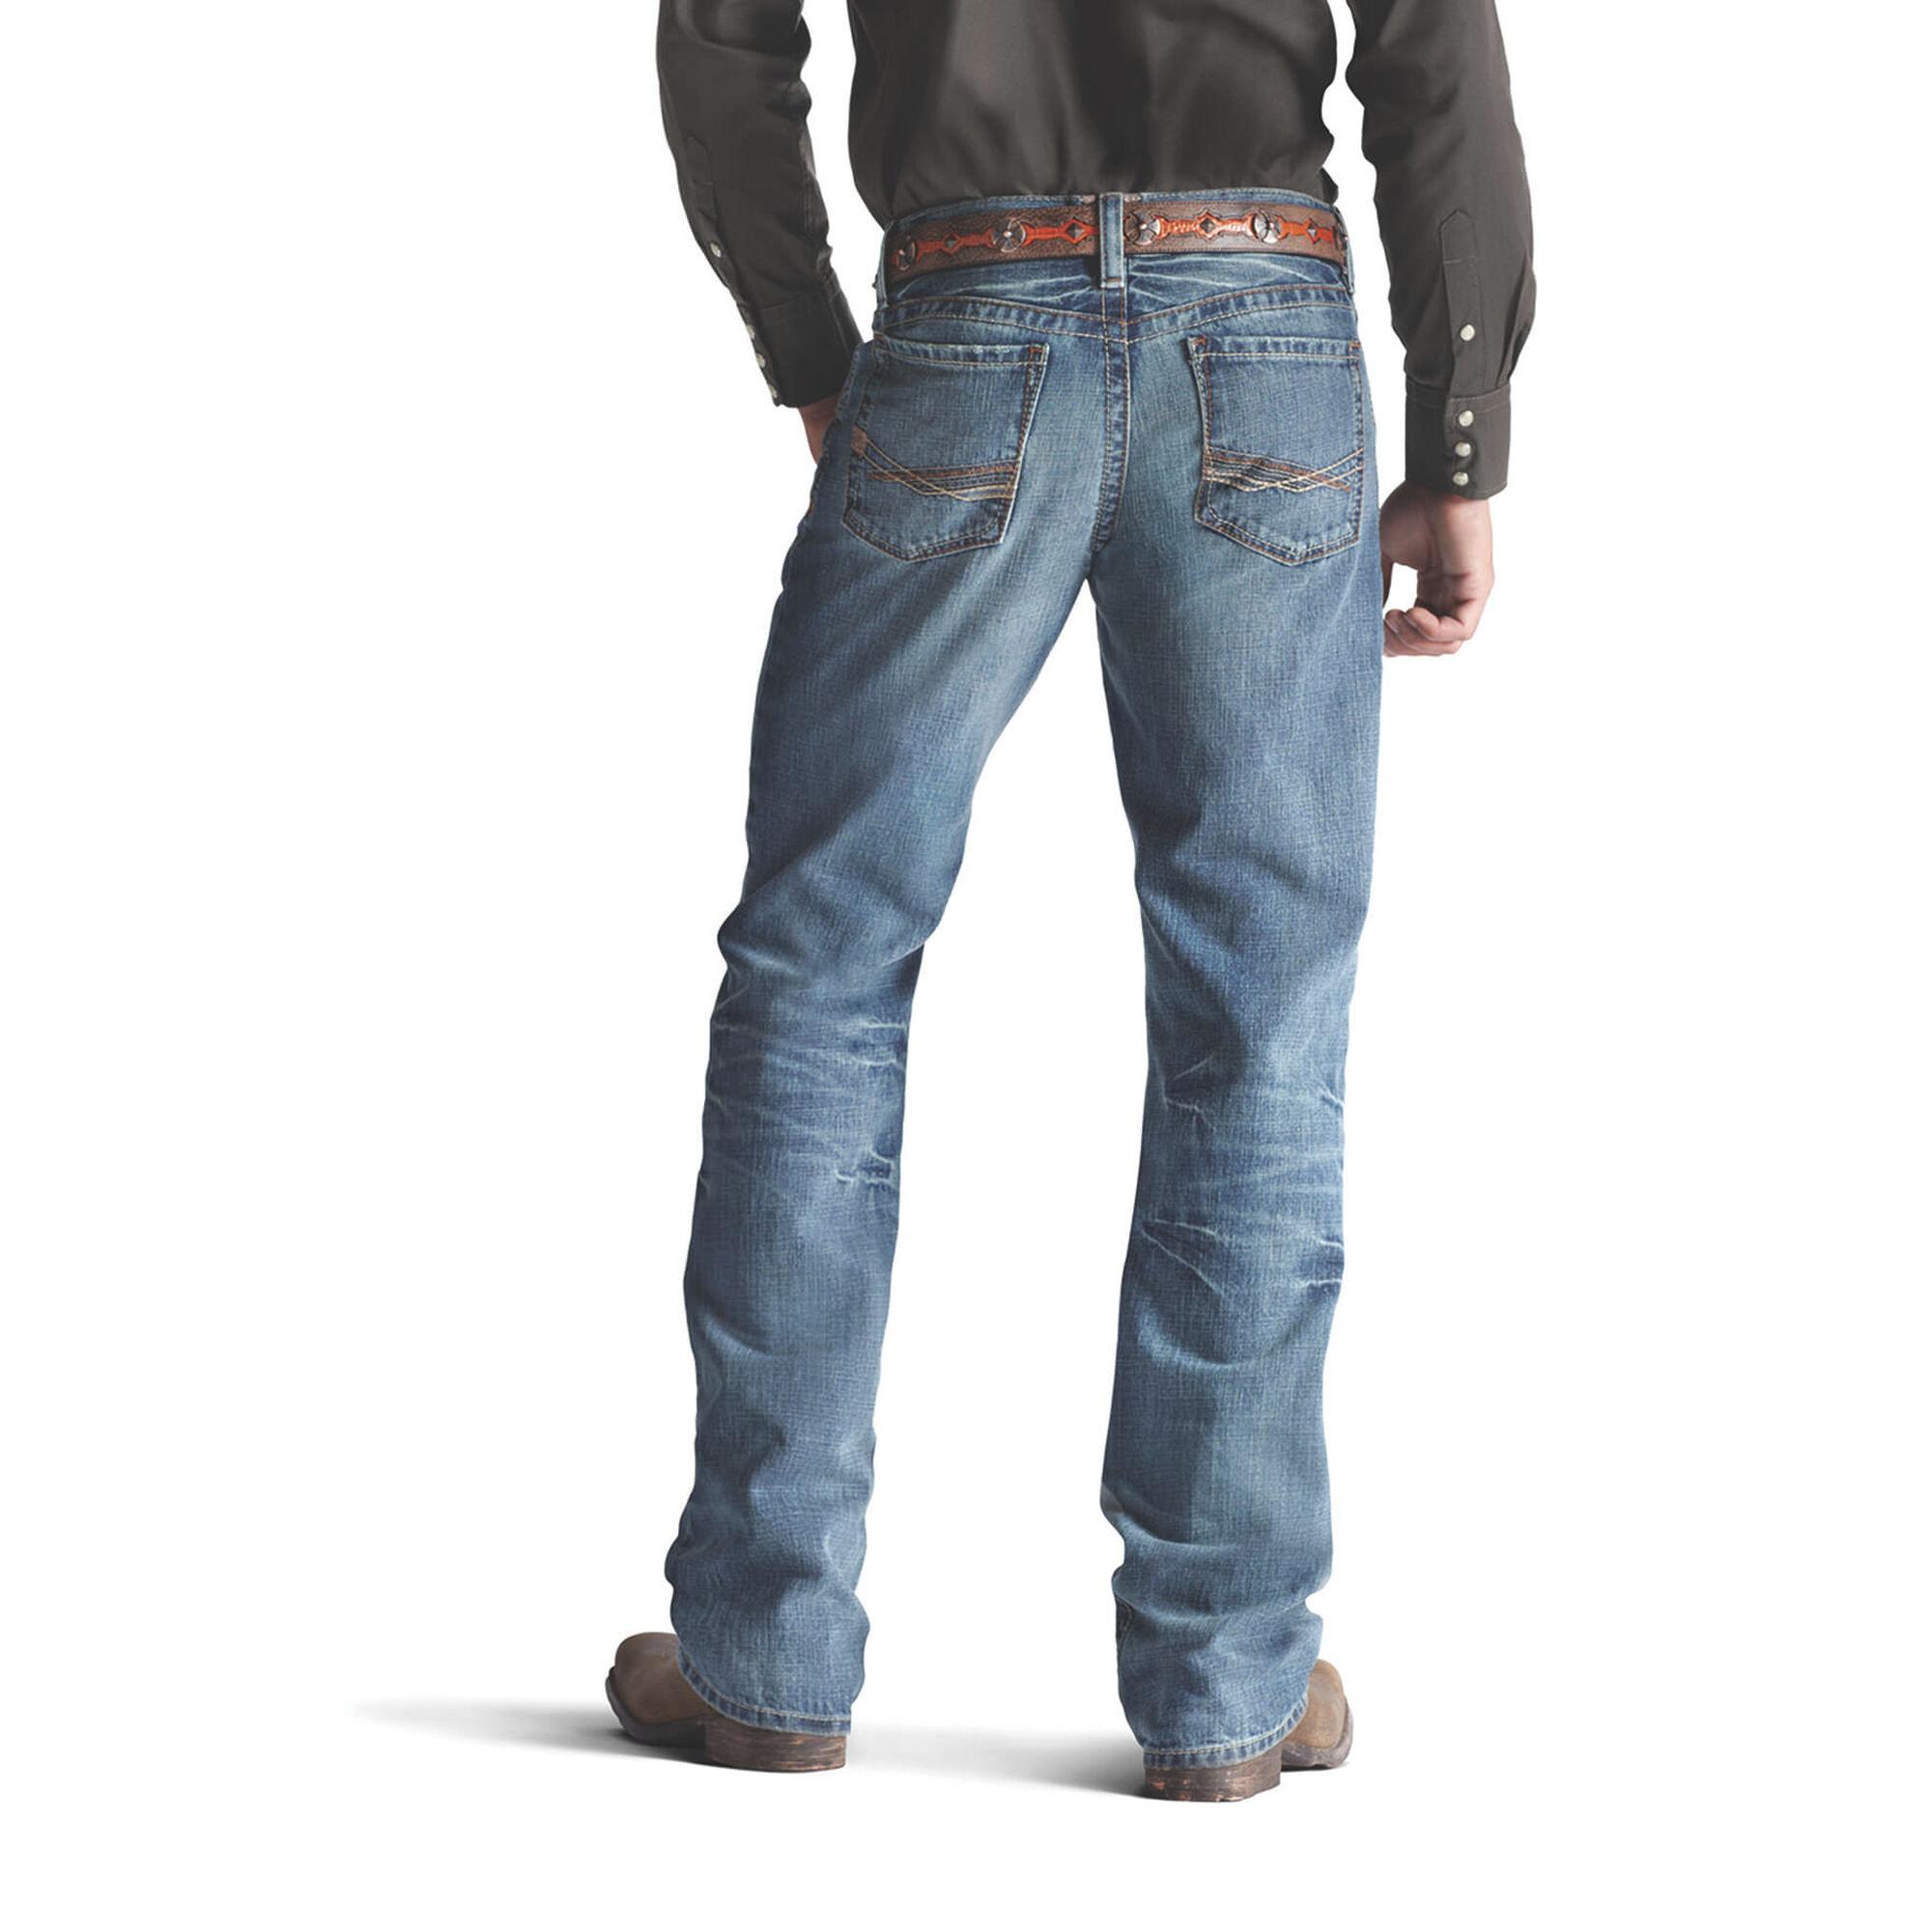 eab30a55b13 Images. M4 Low Rise Scoundrel Boot Cut Jean